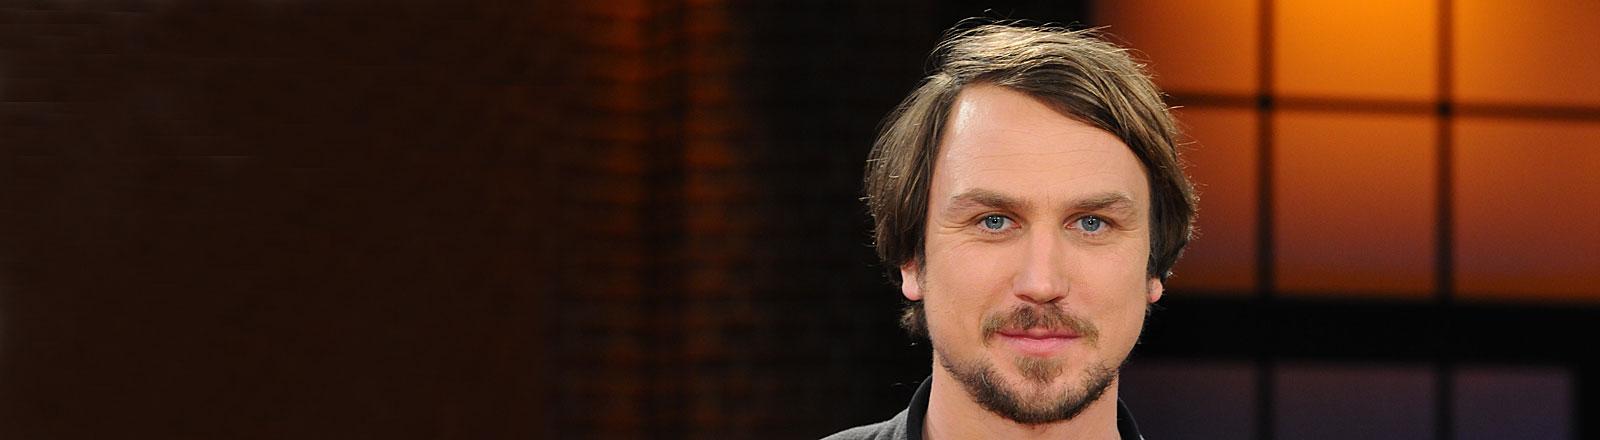 Der Schauspieler Lars Eidinger